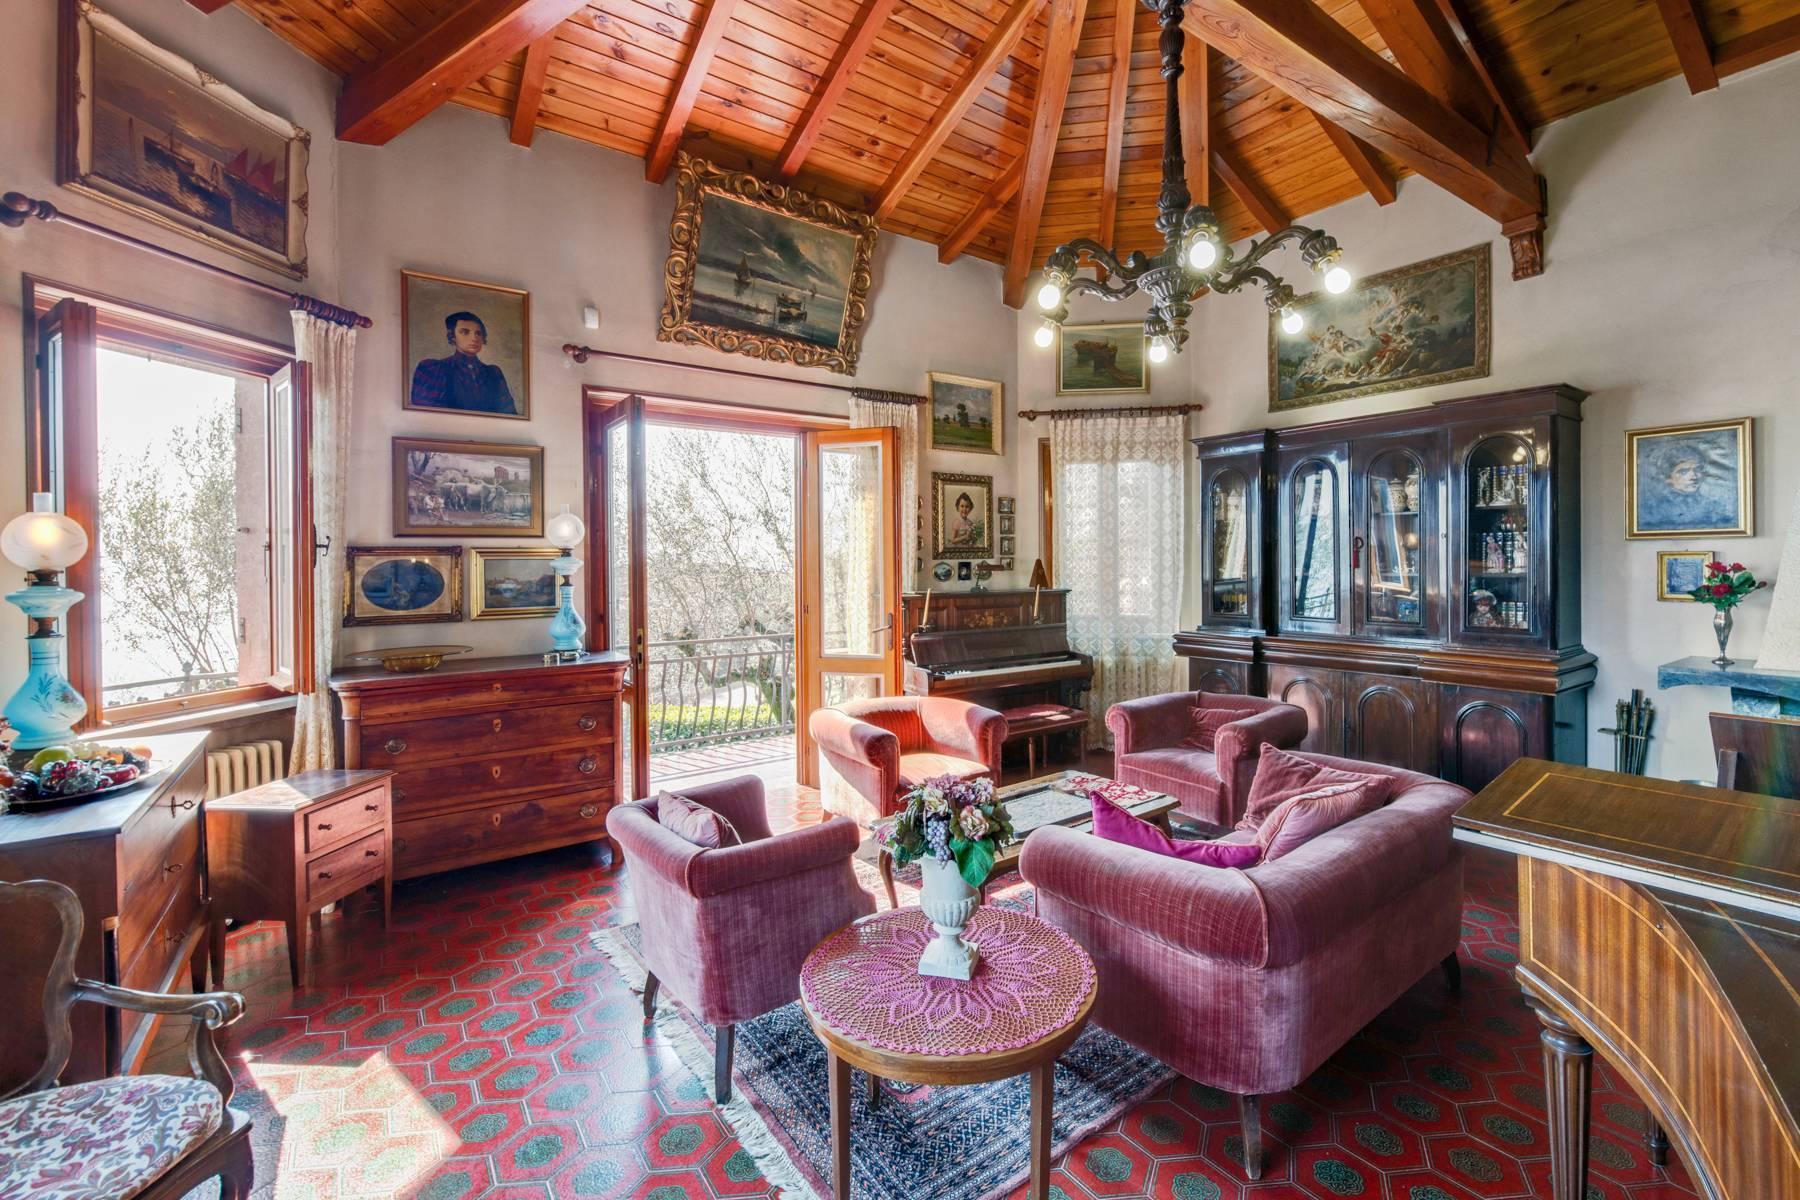 Villa in Gargnano inmitten der Olivenbäume vom Gardasee mit herrlichem Seeblick - 15